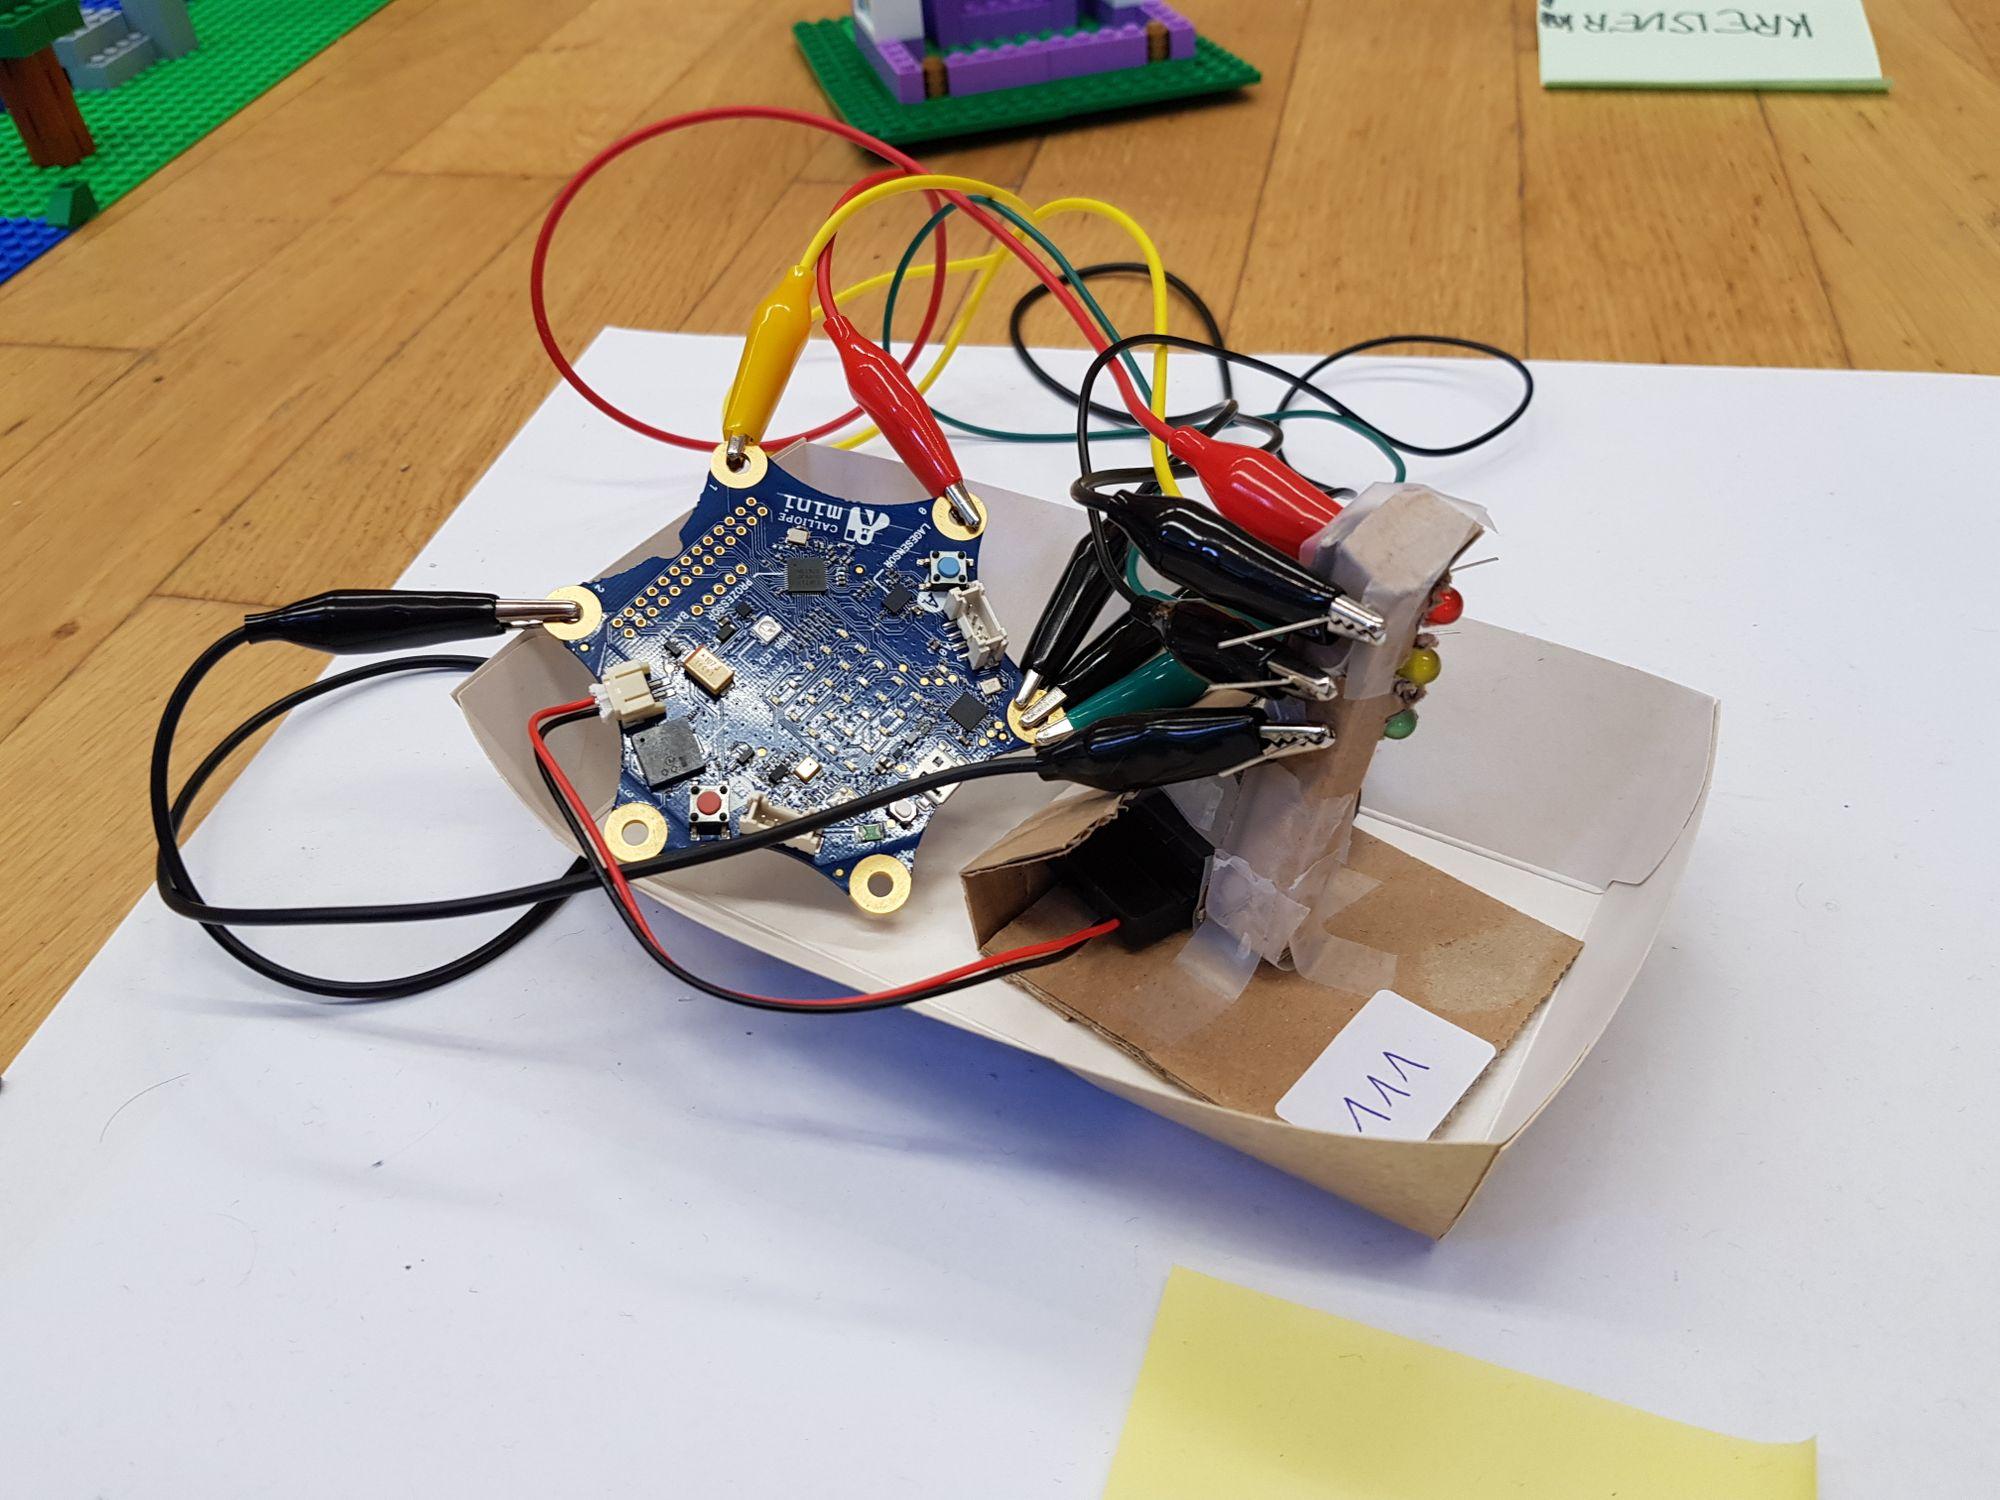 Caliope mini Elektronik mit vielen Kabeln und drei LEDs für eine Ampel.